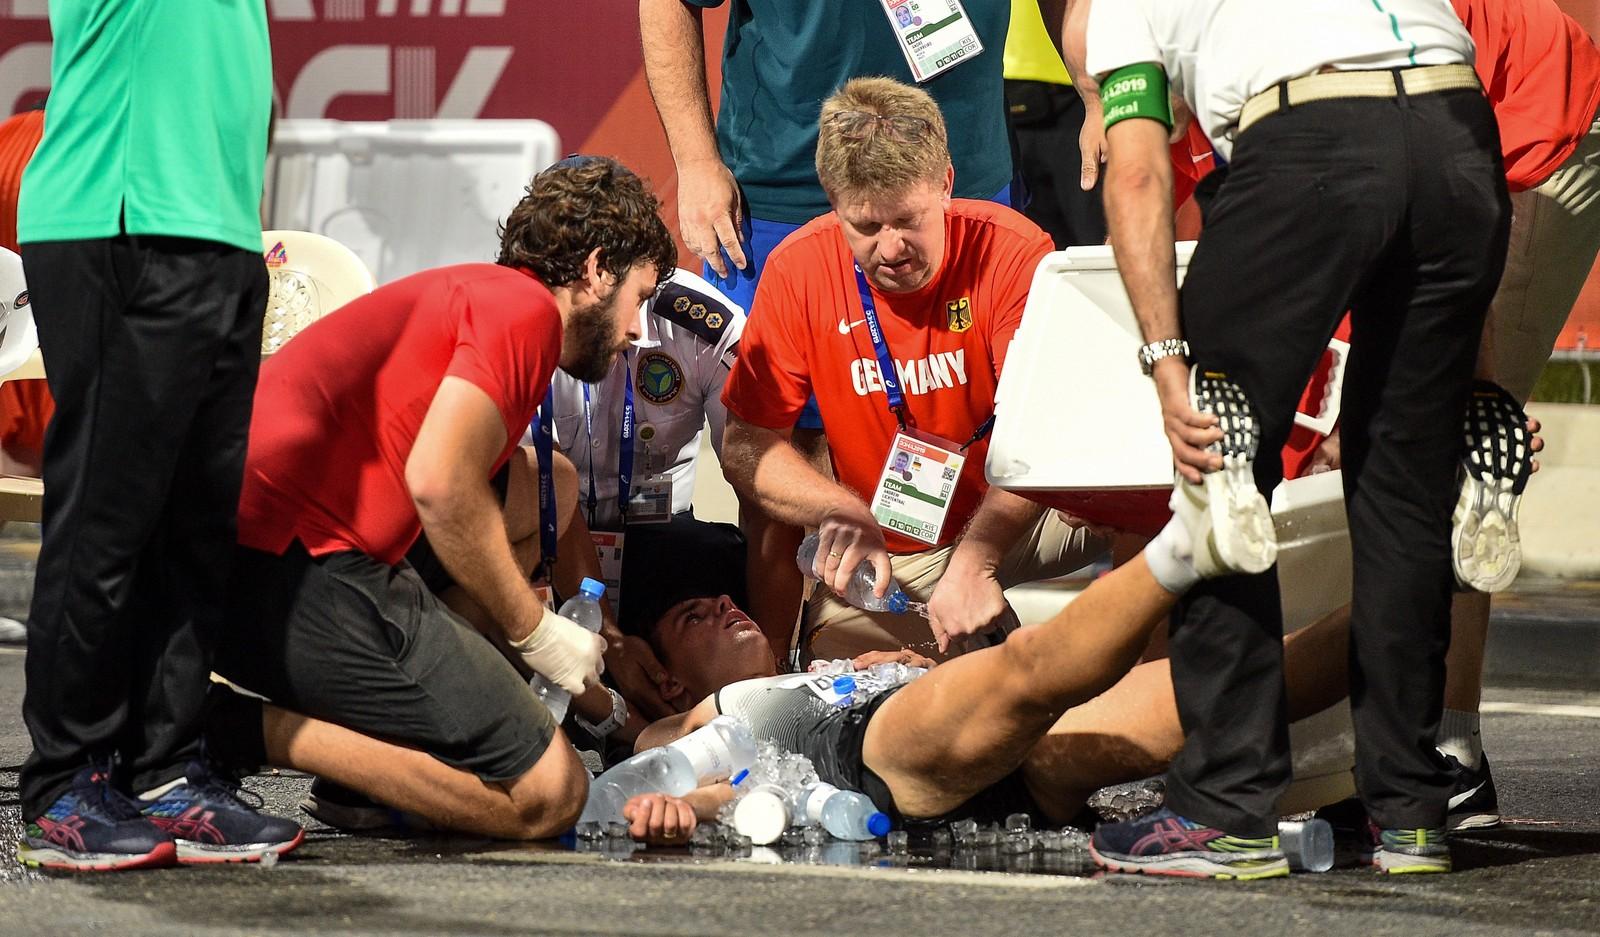 Calor ofusca os 20km da marcha atlética em Doha; Caio Bonfim é 12º